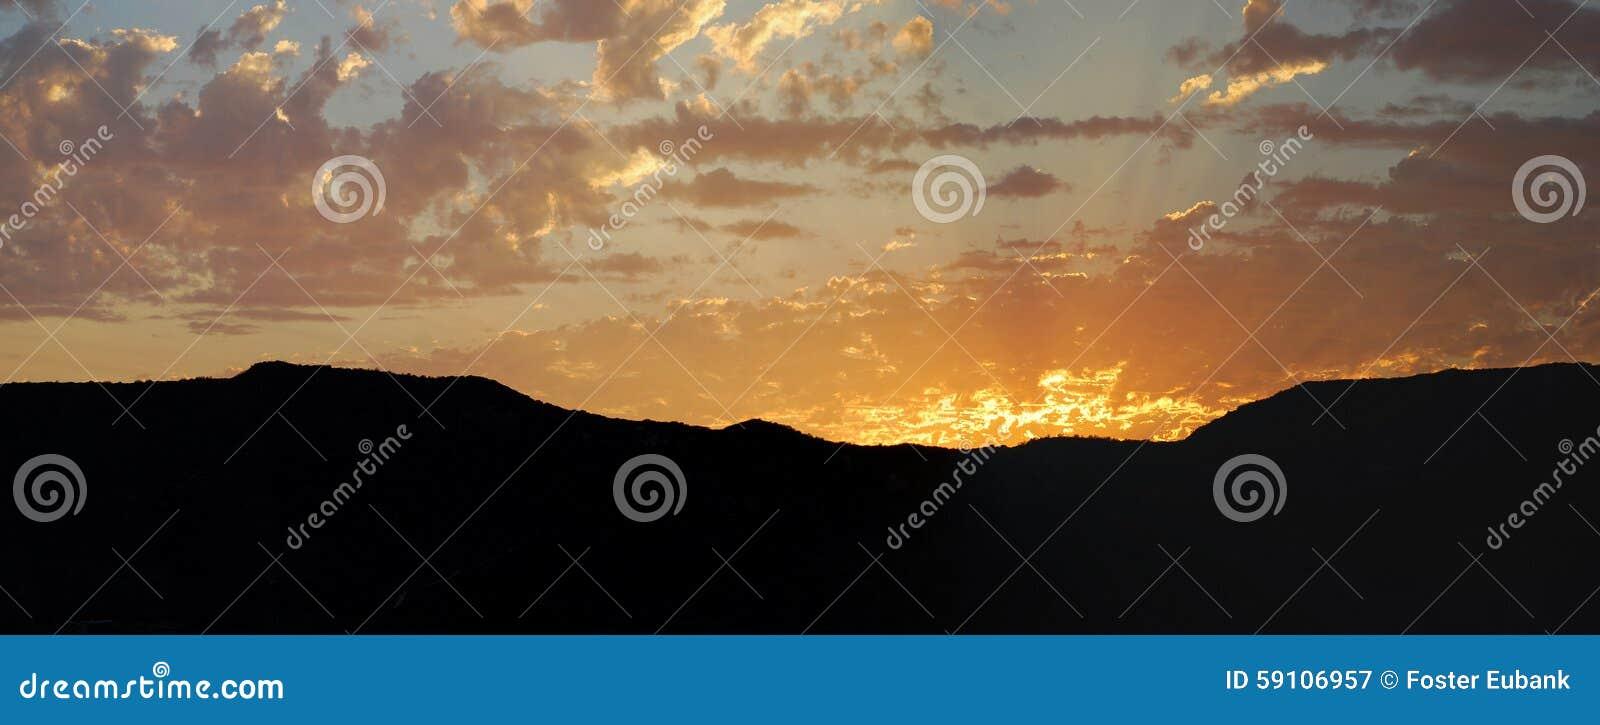 在拉古纳峡谷,拉古纳海滩,加利福尼亚的日落